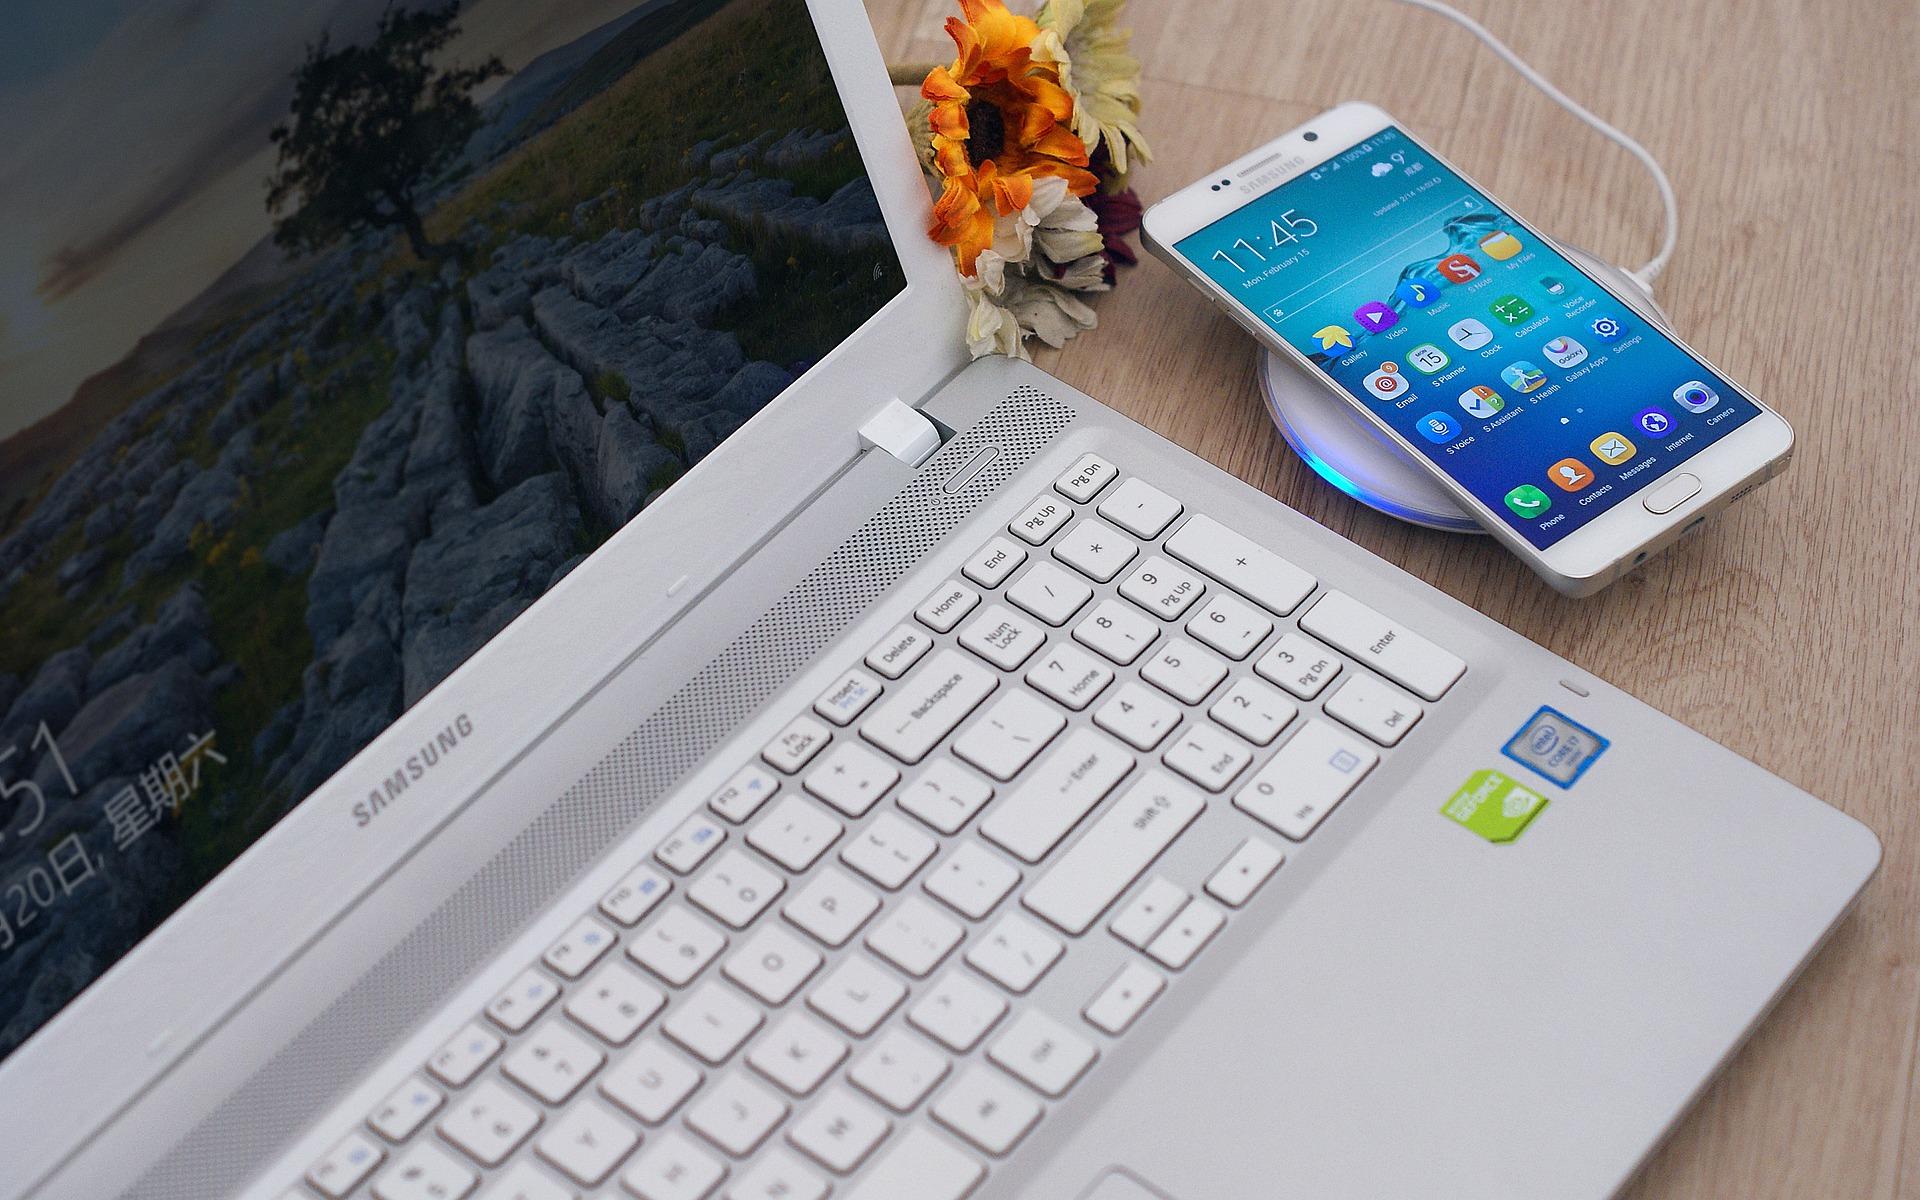 Связной назвал 3 самых популярных смартфона иноутбукакНовому году